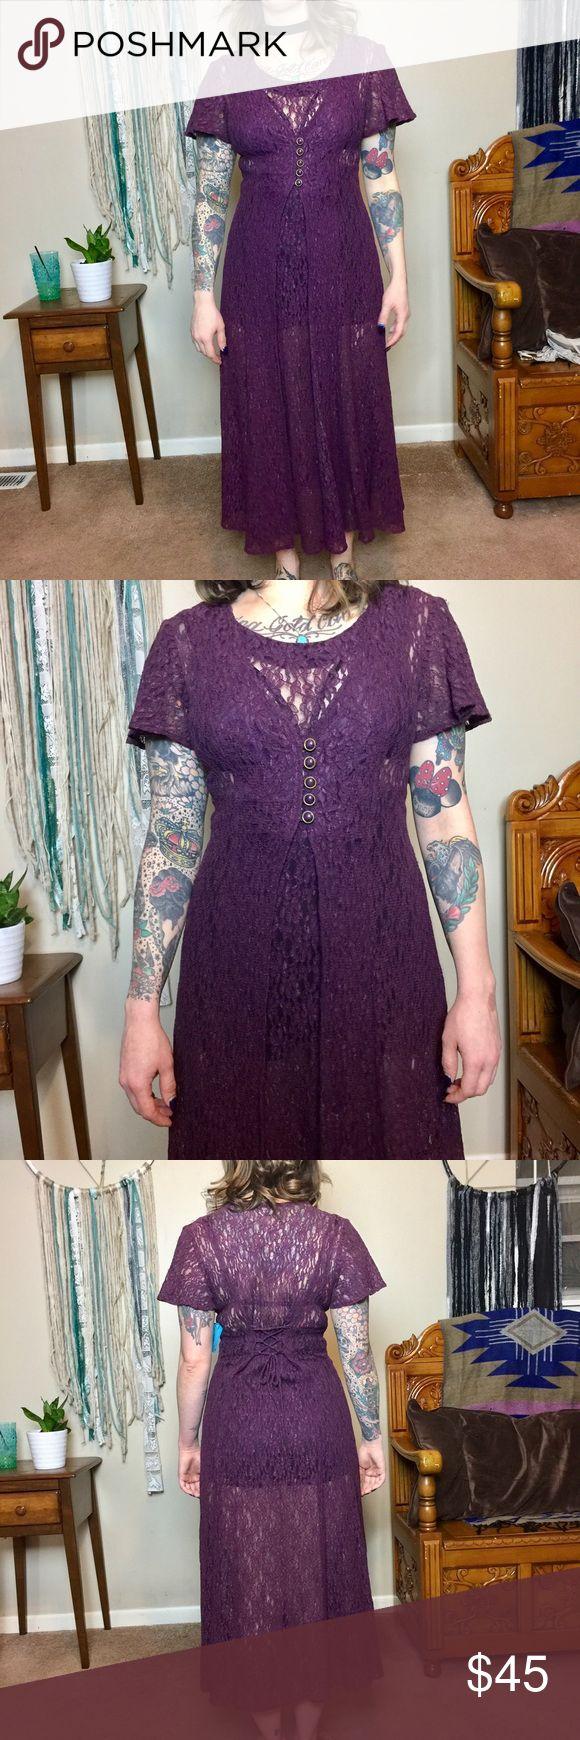 Vintage deep plum lace dress. Sheer lace w tie Awesome deep plum lace dress. Completely sheer. In great condition. Vintage Dresses Maxi